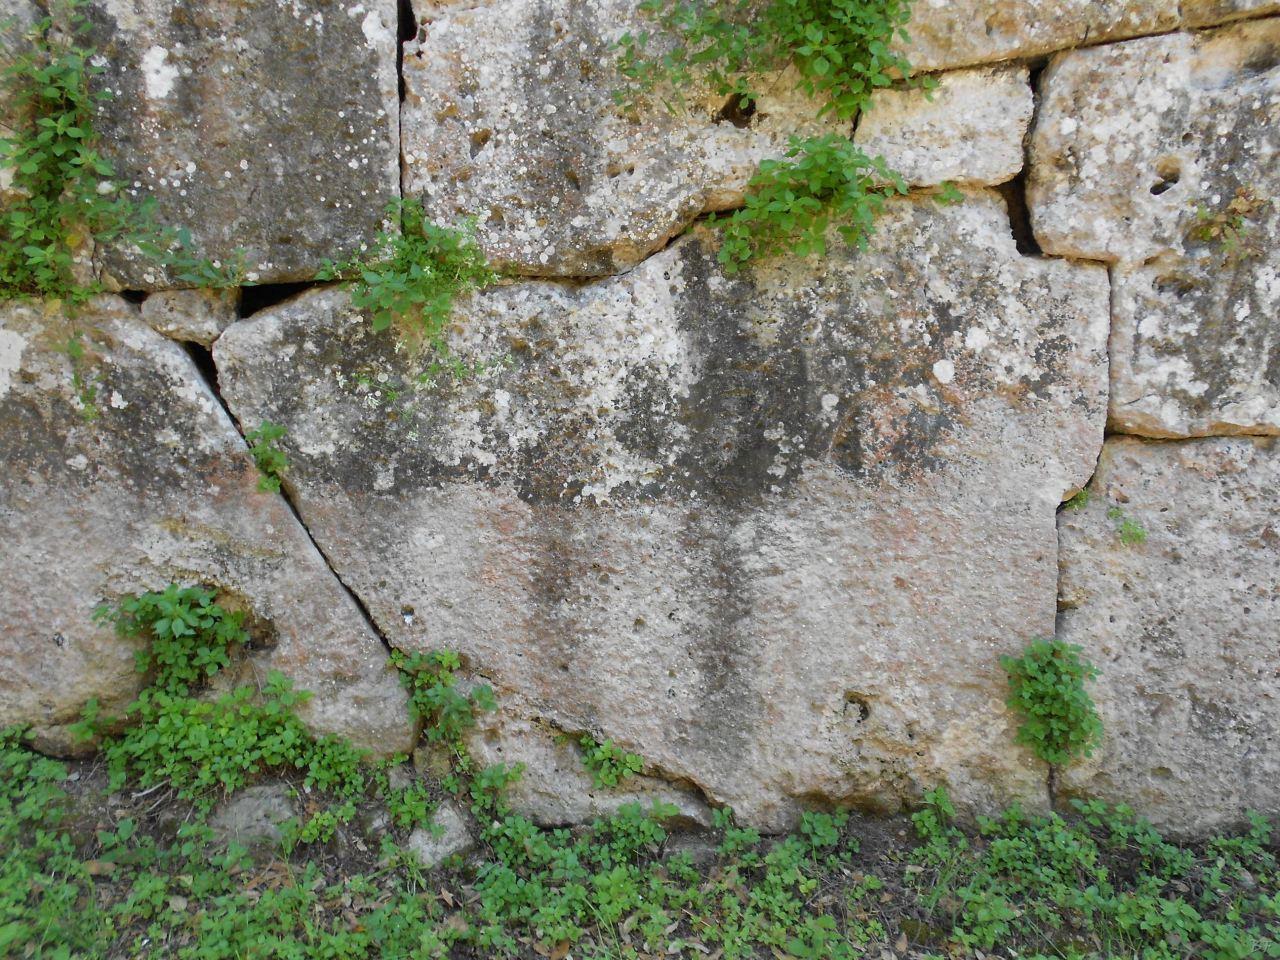 Cosa-Mura-Megalitiche-Ansedonia-Grosseto-Toscana-Italia-31